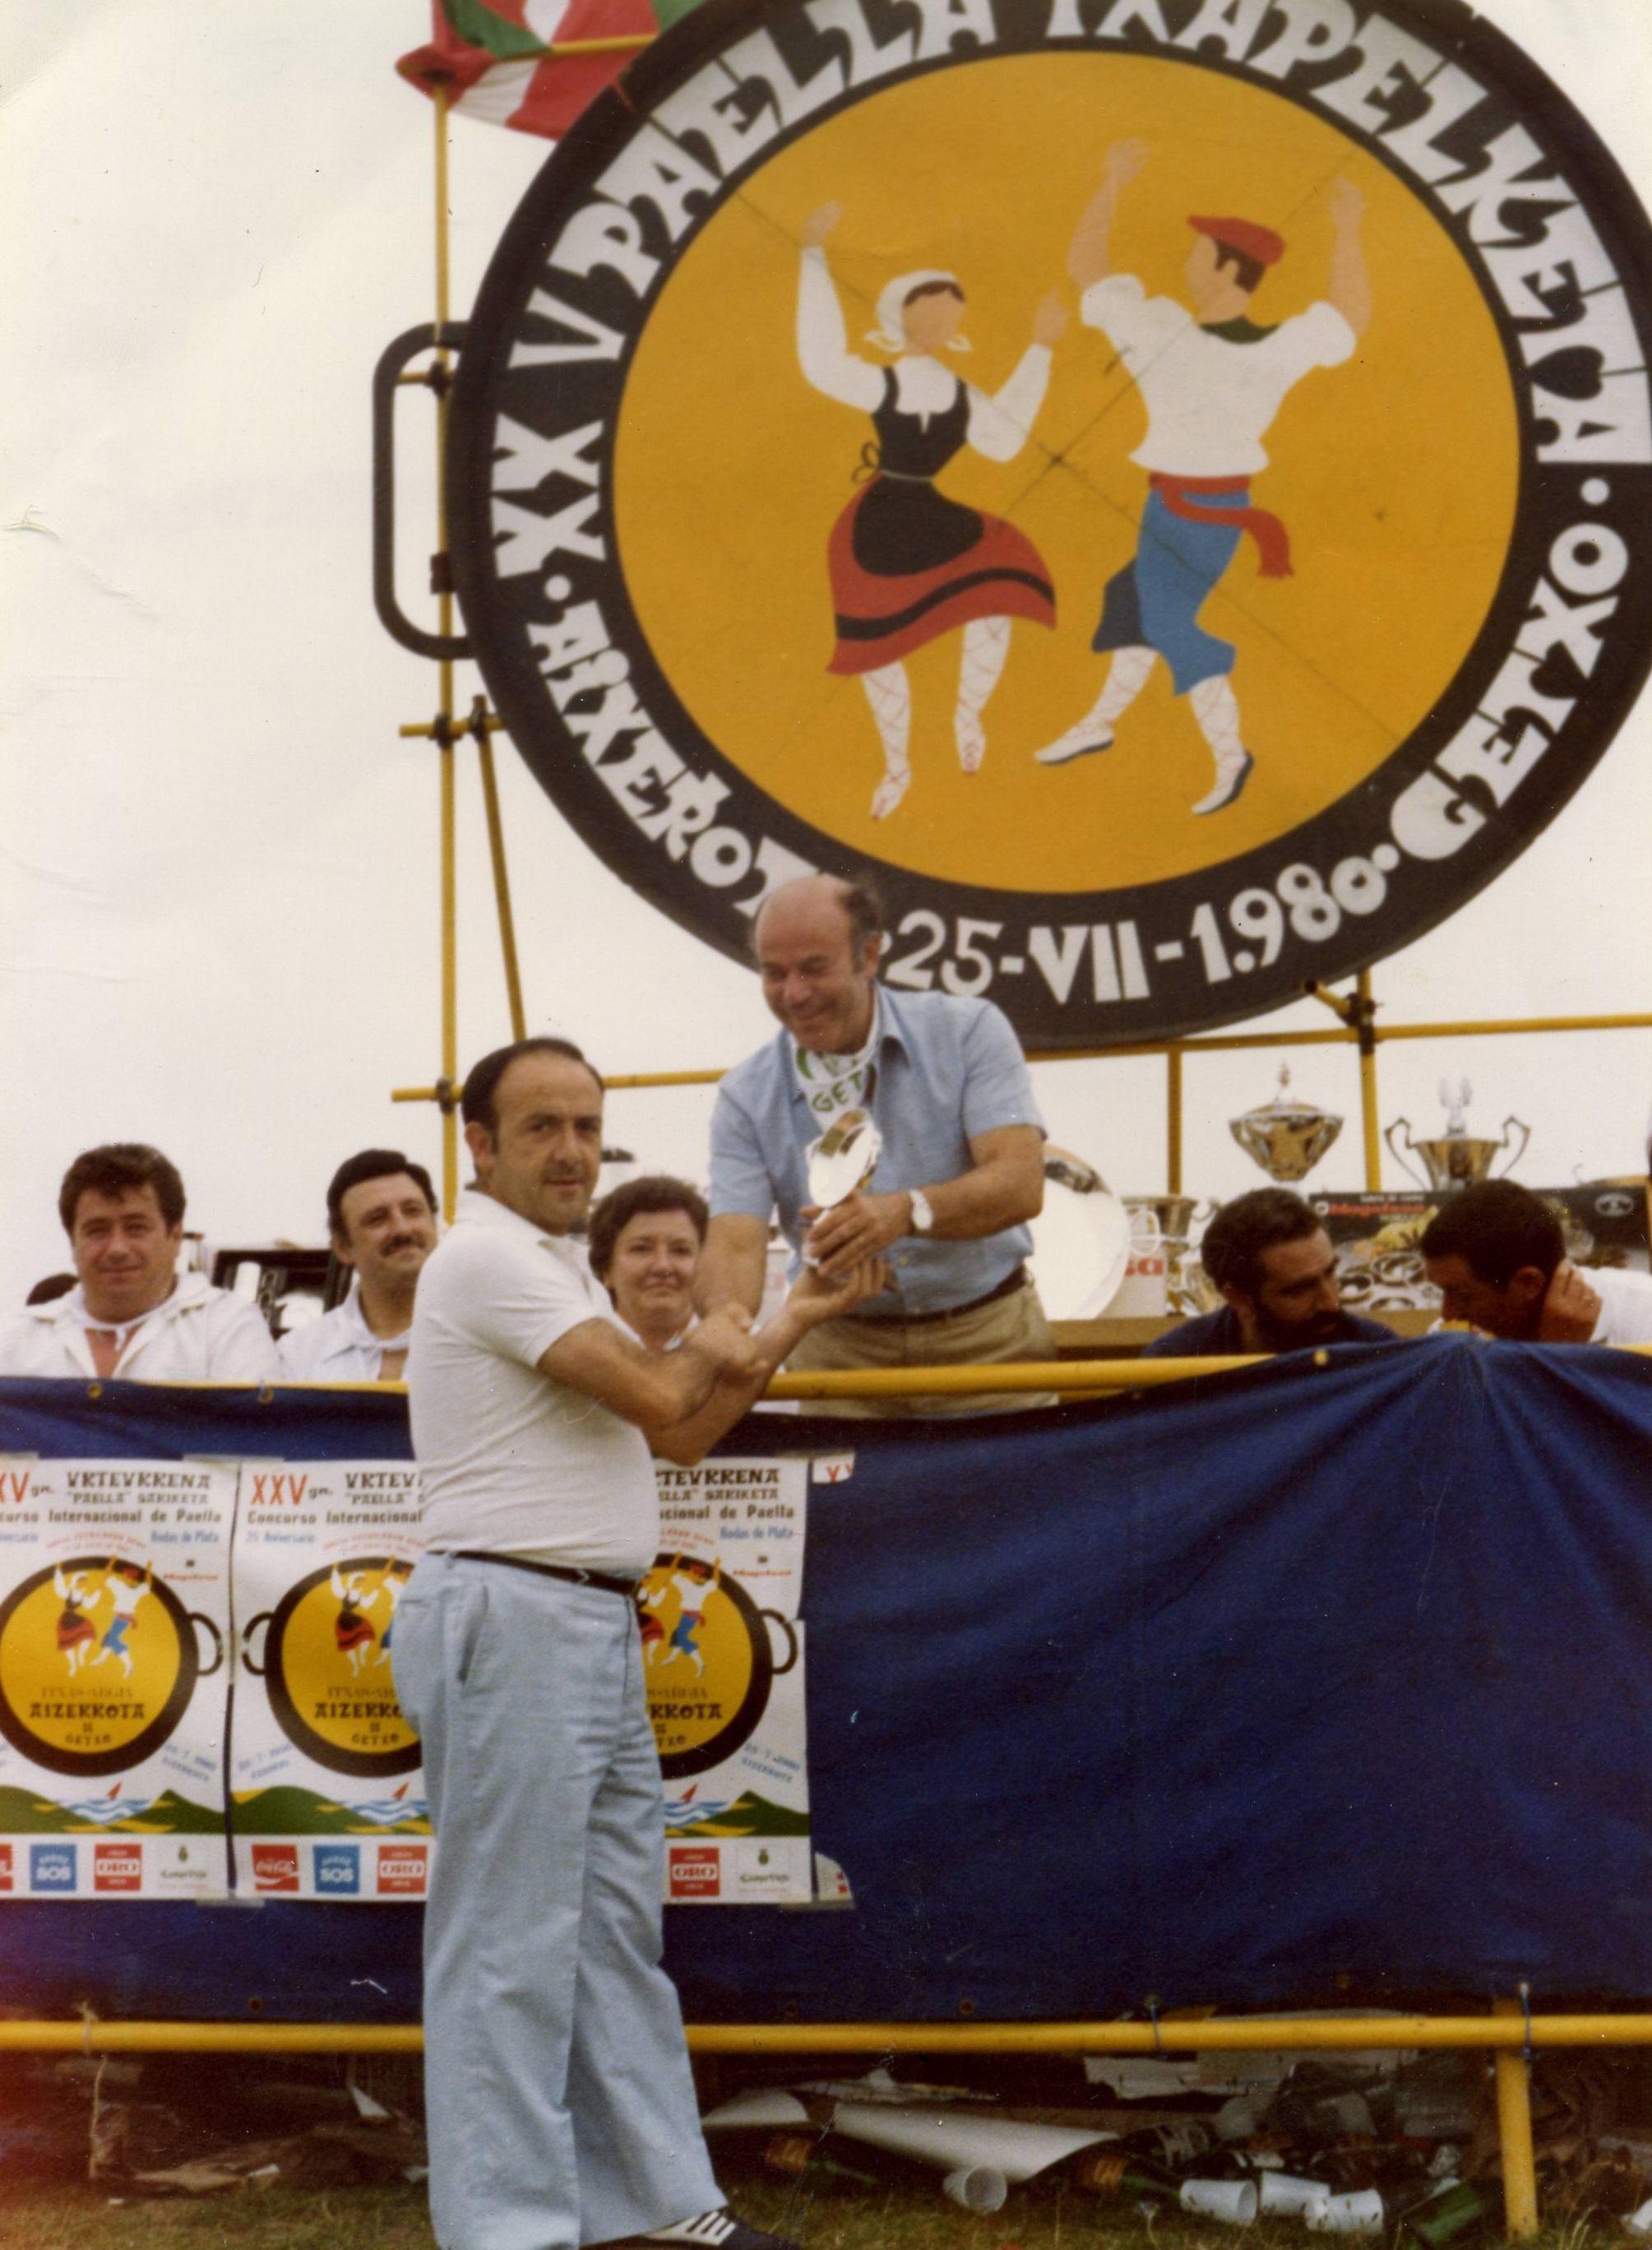 XXV concurso de paellas,1980 (ref. 05434)